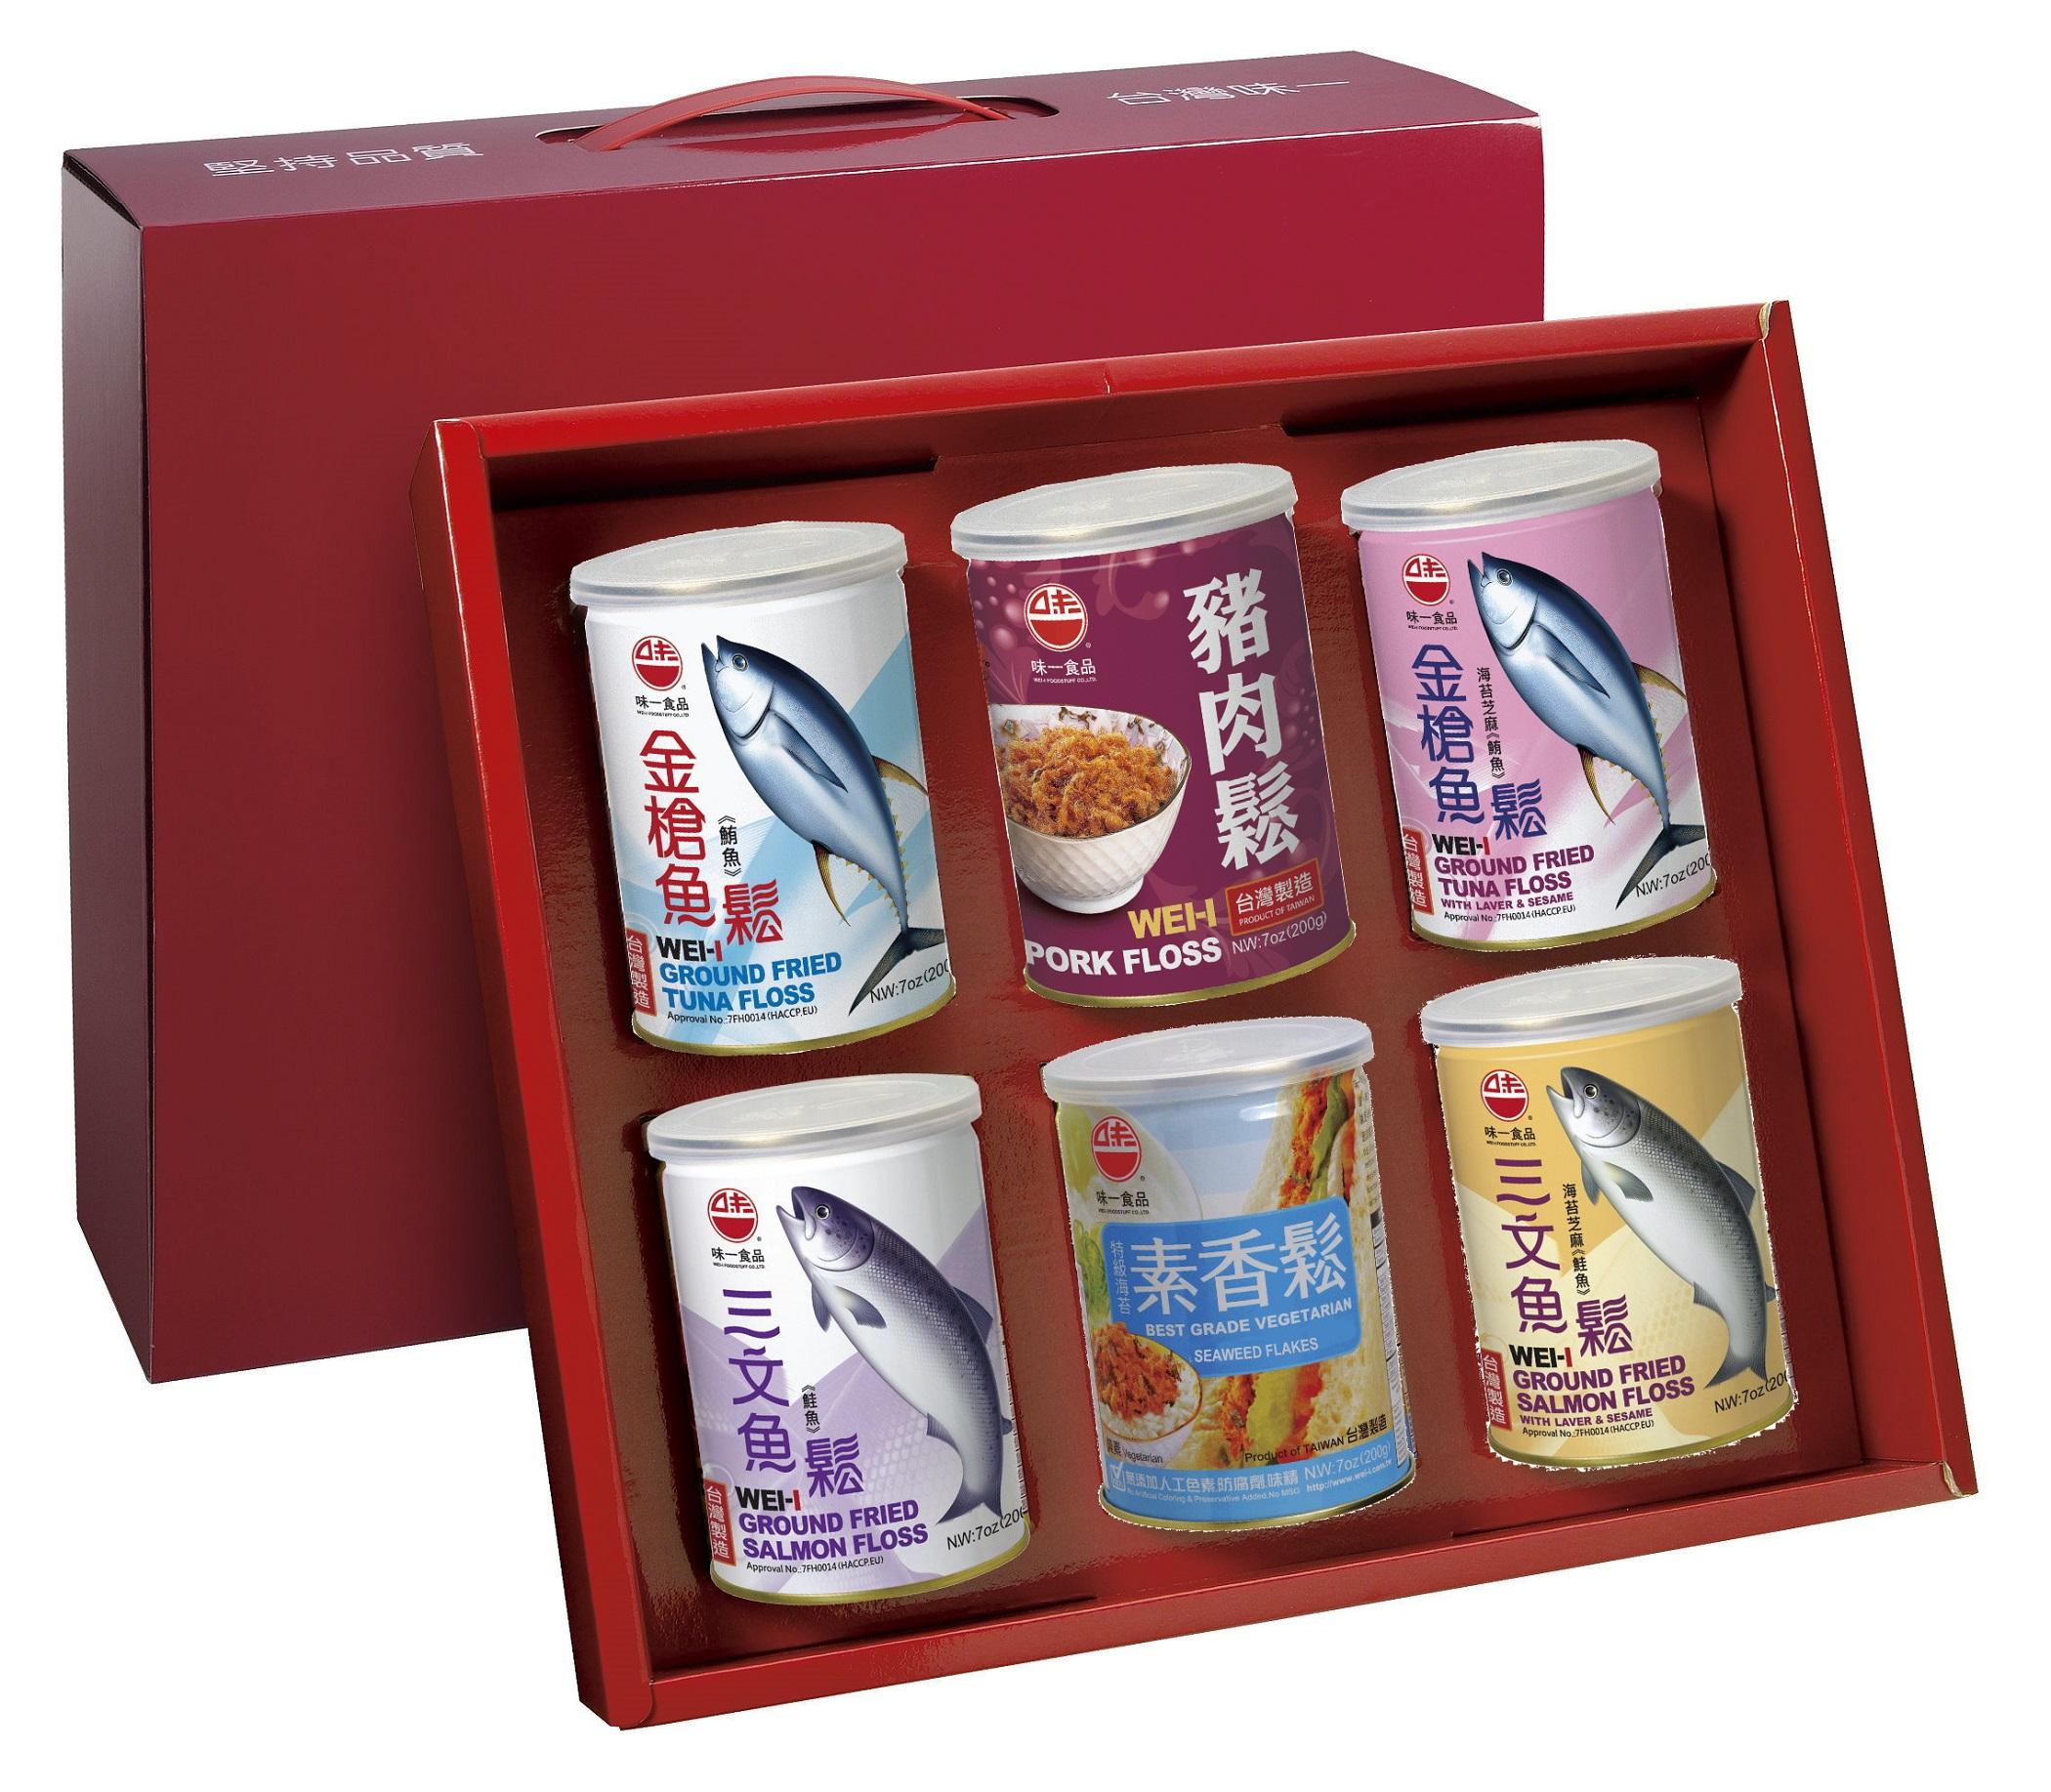 如意禮盒-鮪魚鬆+海苔芝麻鮪魚鬆+三文魚鬆+海苔芝麻三文魚鬆+豬肉鬆+海苔素香鬆